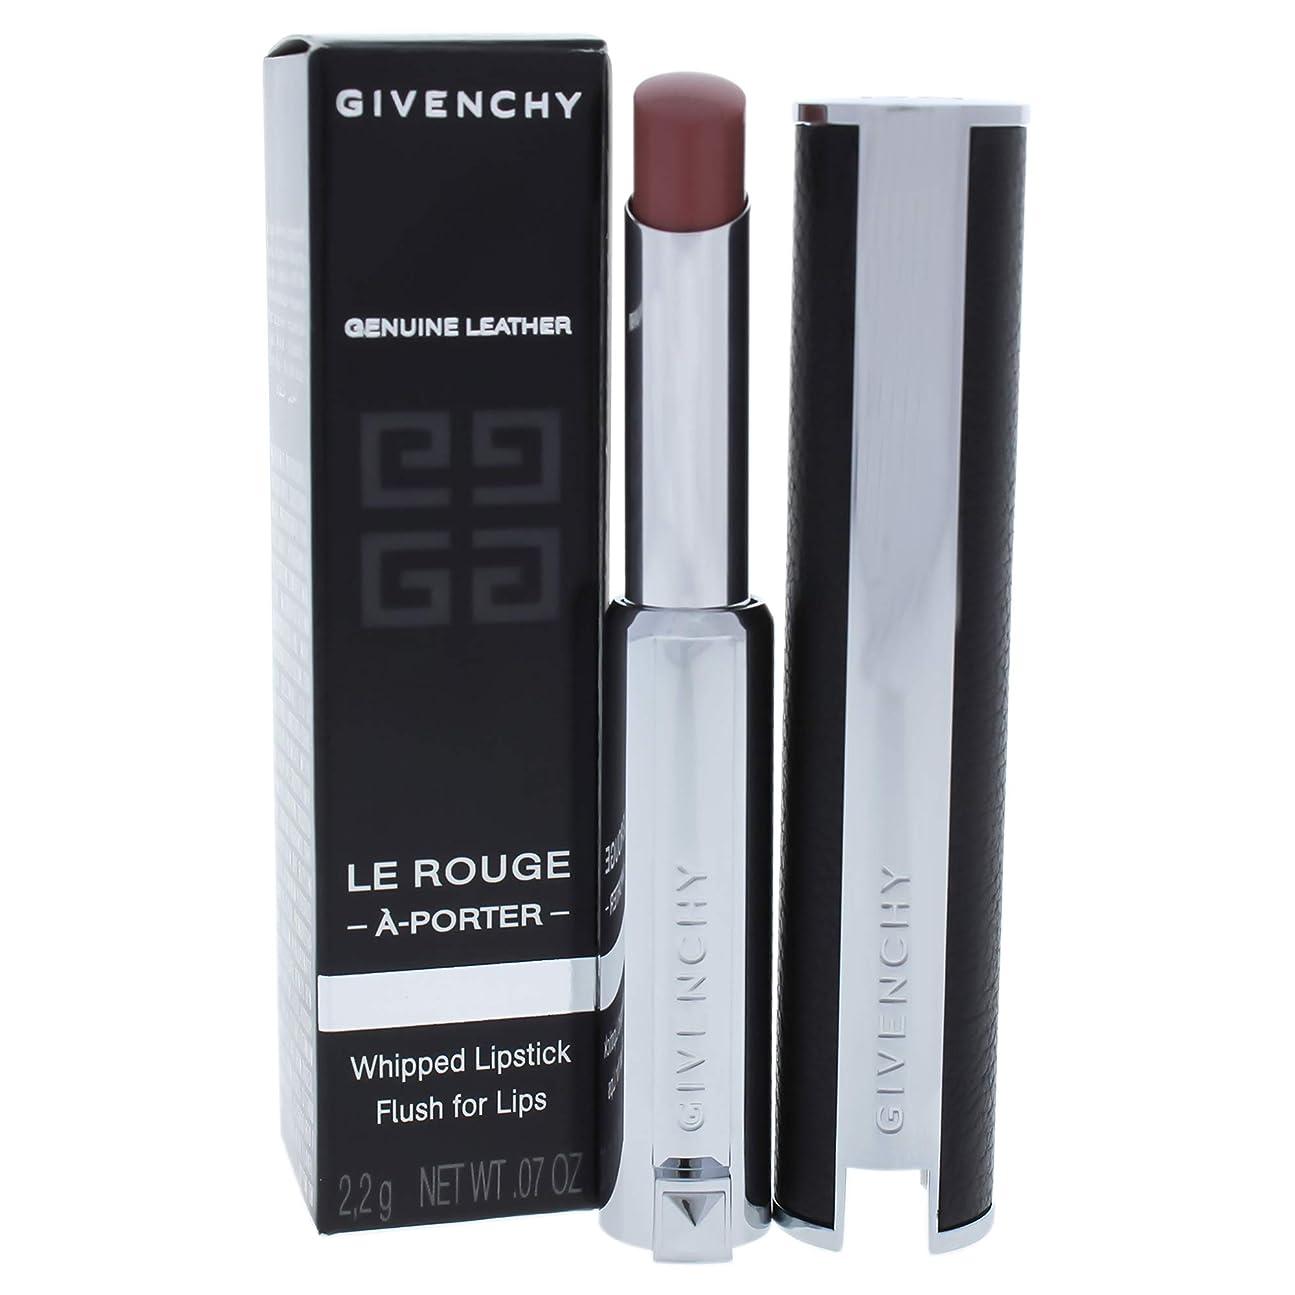 旋律的オフェンス家庭教師ジバンシィ Le Rouge A Porter Whipped Lipstick - # 106 Parme Silhouette 2.2g/0.07oz並行輸入品